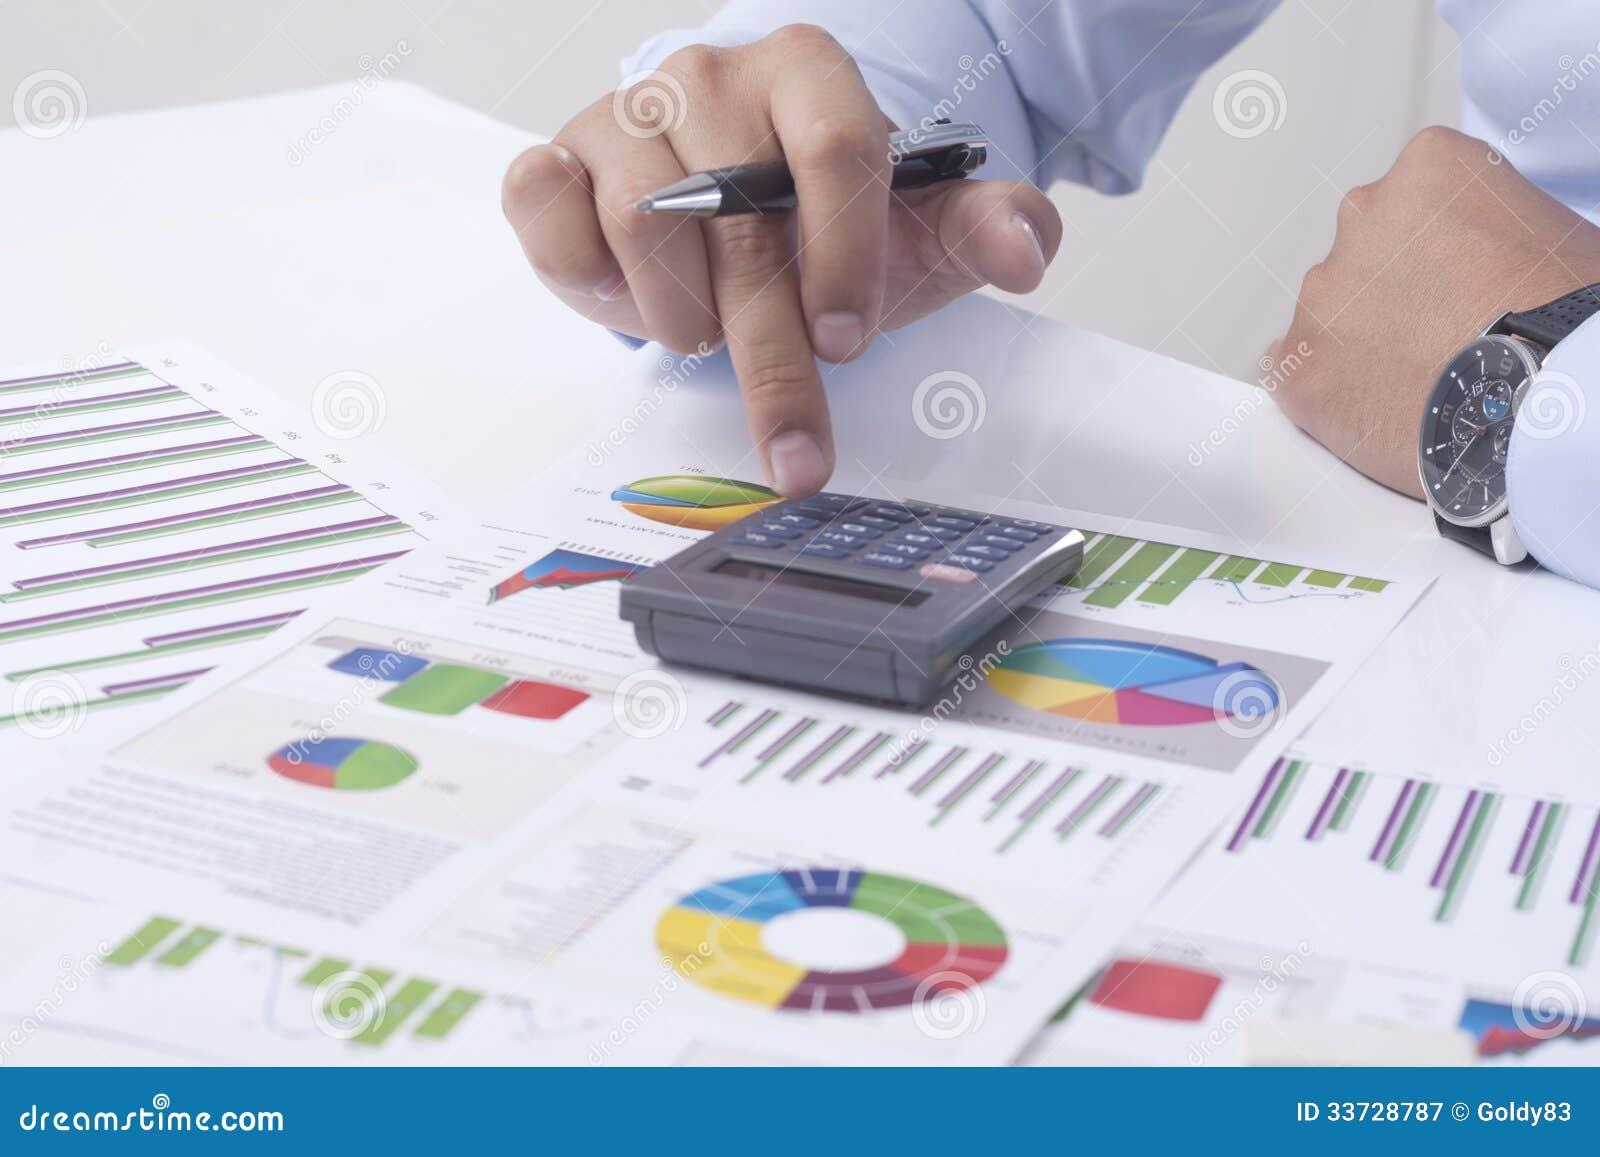 Высчитывать финансовую ситуацию